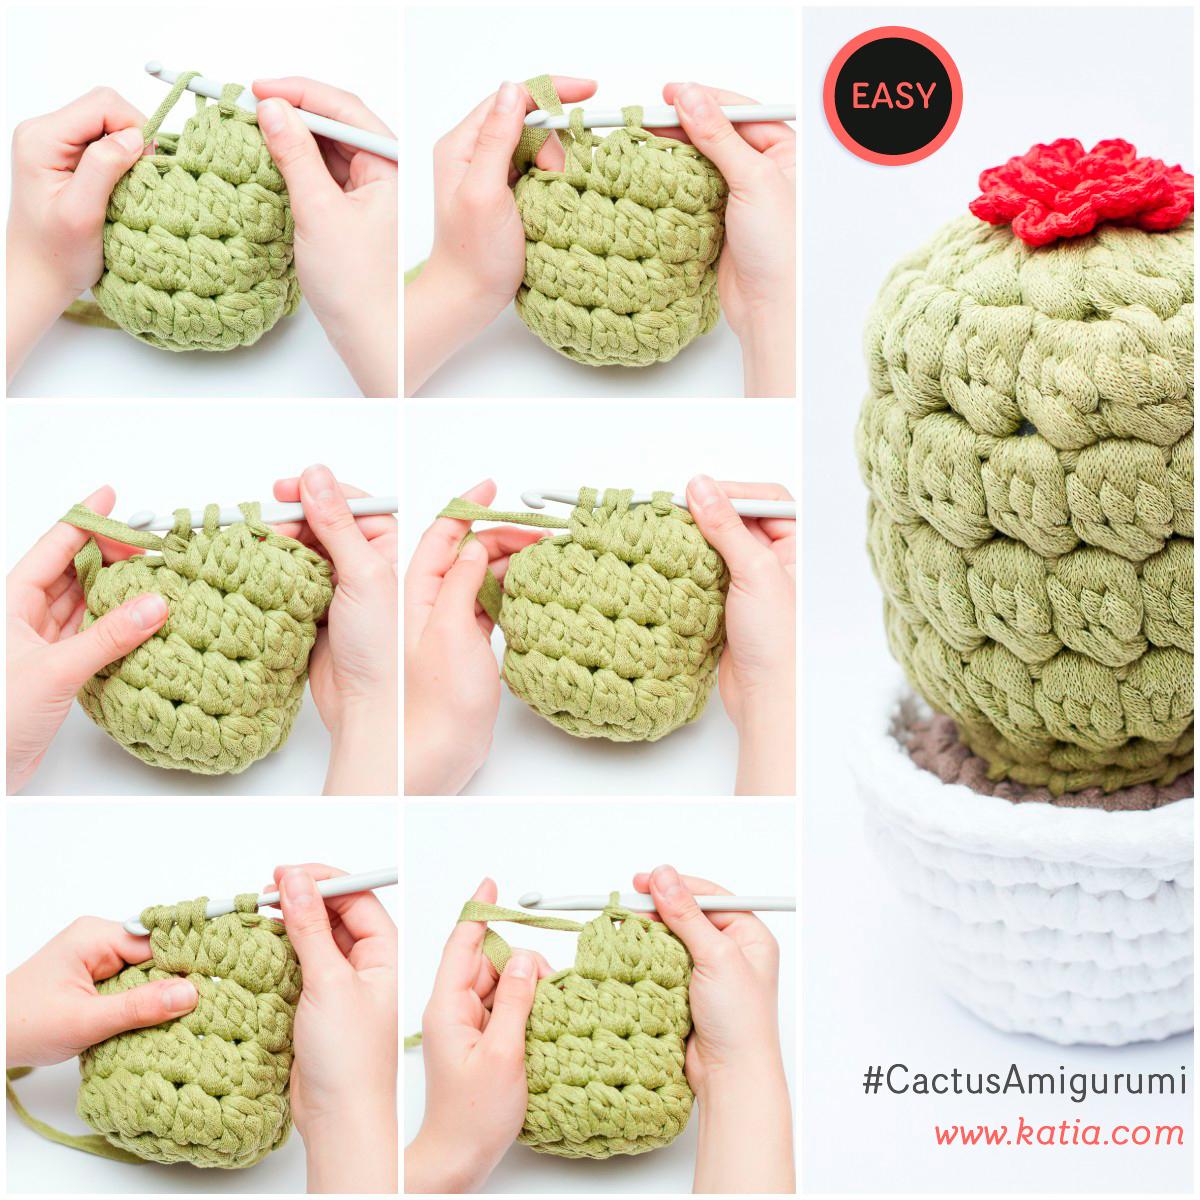 Crochet Cactus / Amigurumi toy / Cactus/ Crochet Cactus /Cactus ... | 1200x1200